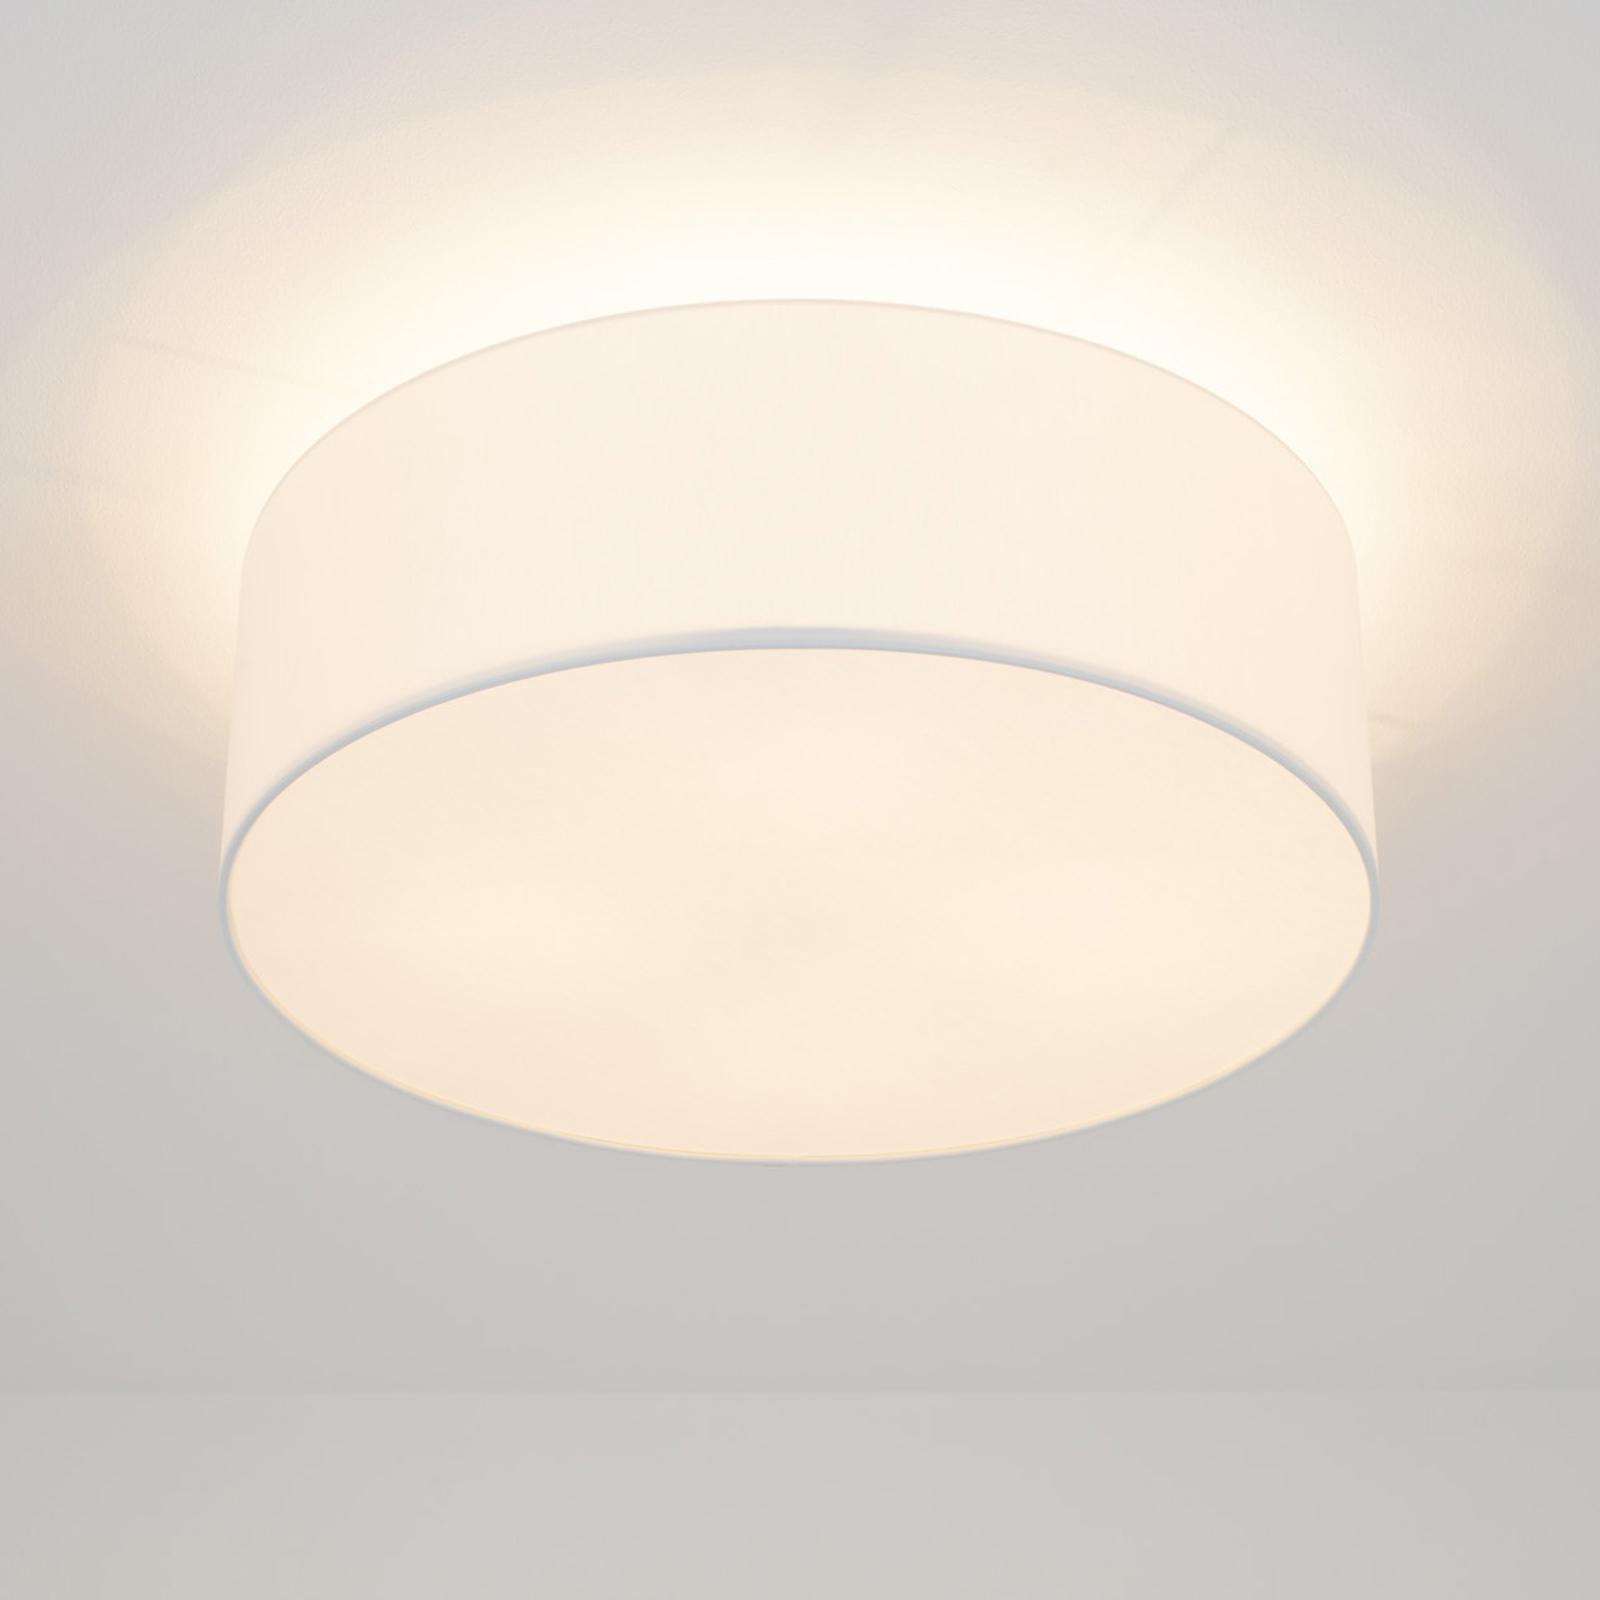 Lampa sufitowa LED Gala, 50 cm, klosz chinz biały